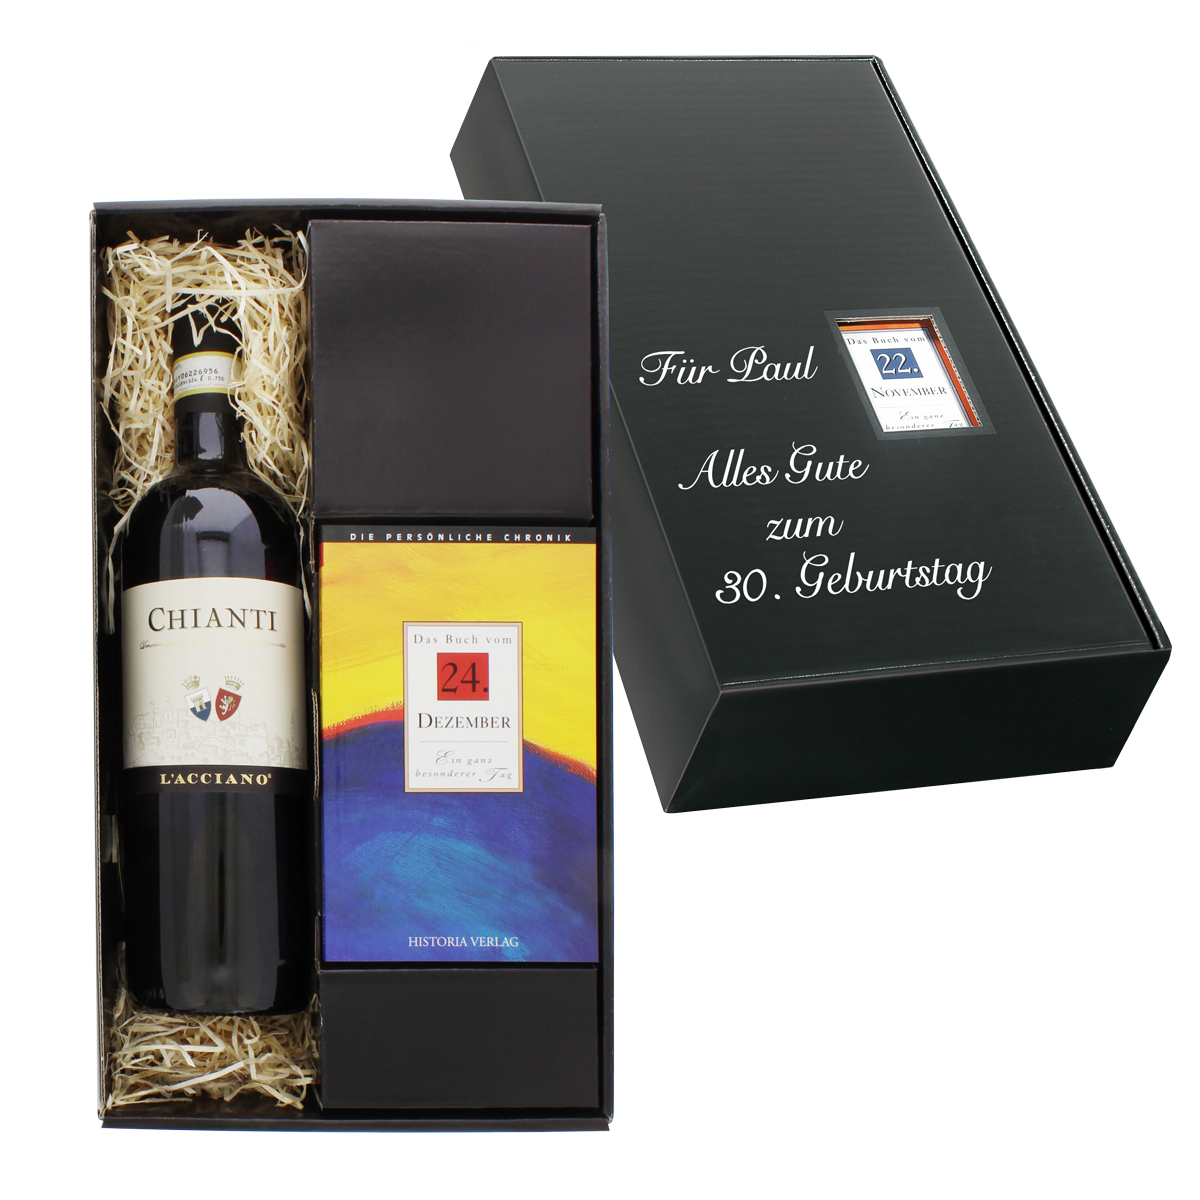 Italien-Set: Tageschronik vom 16. September & Chianti-Wein